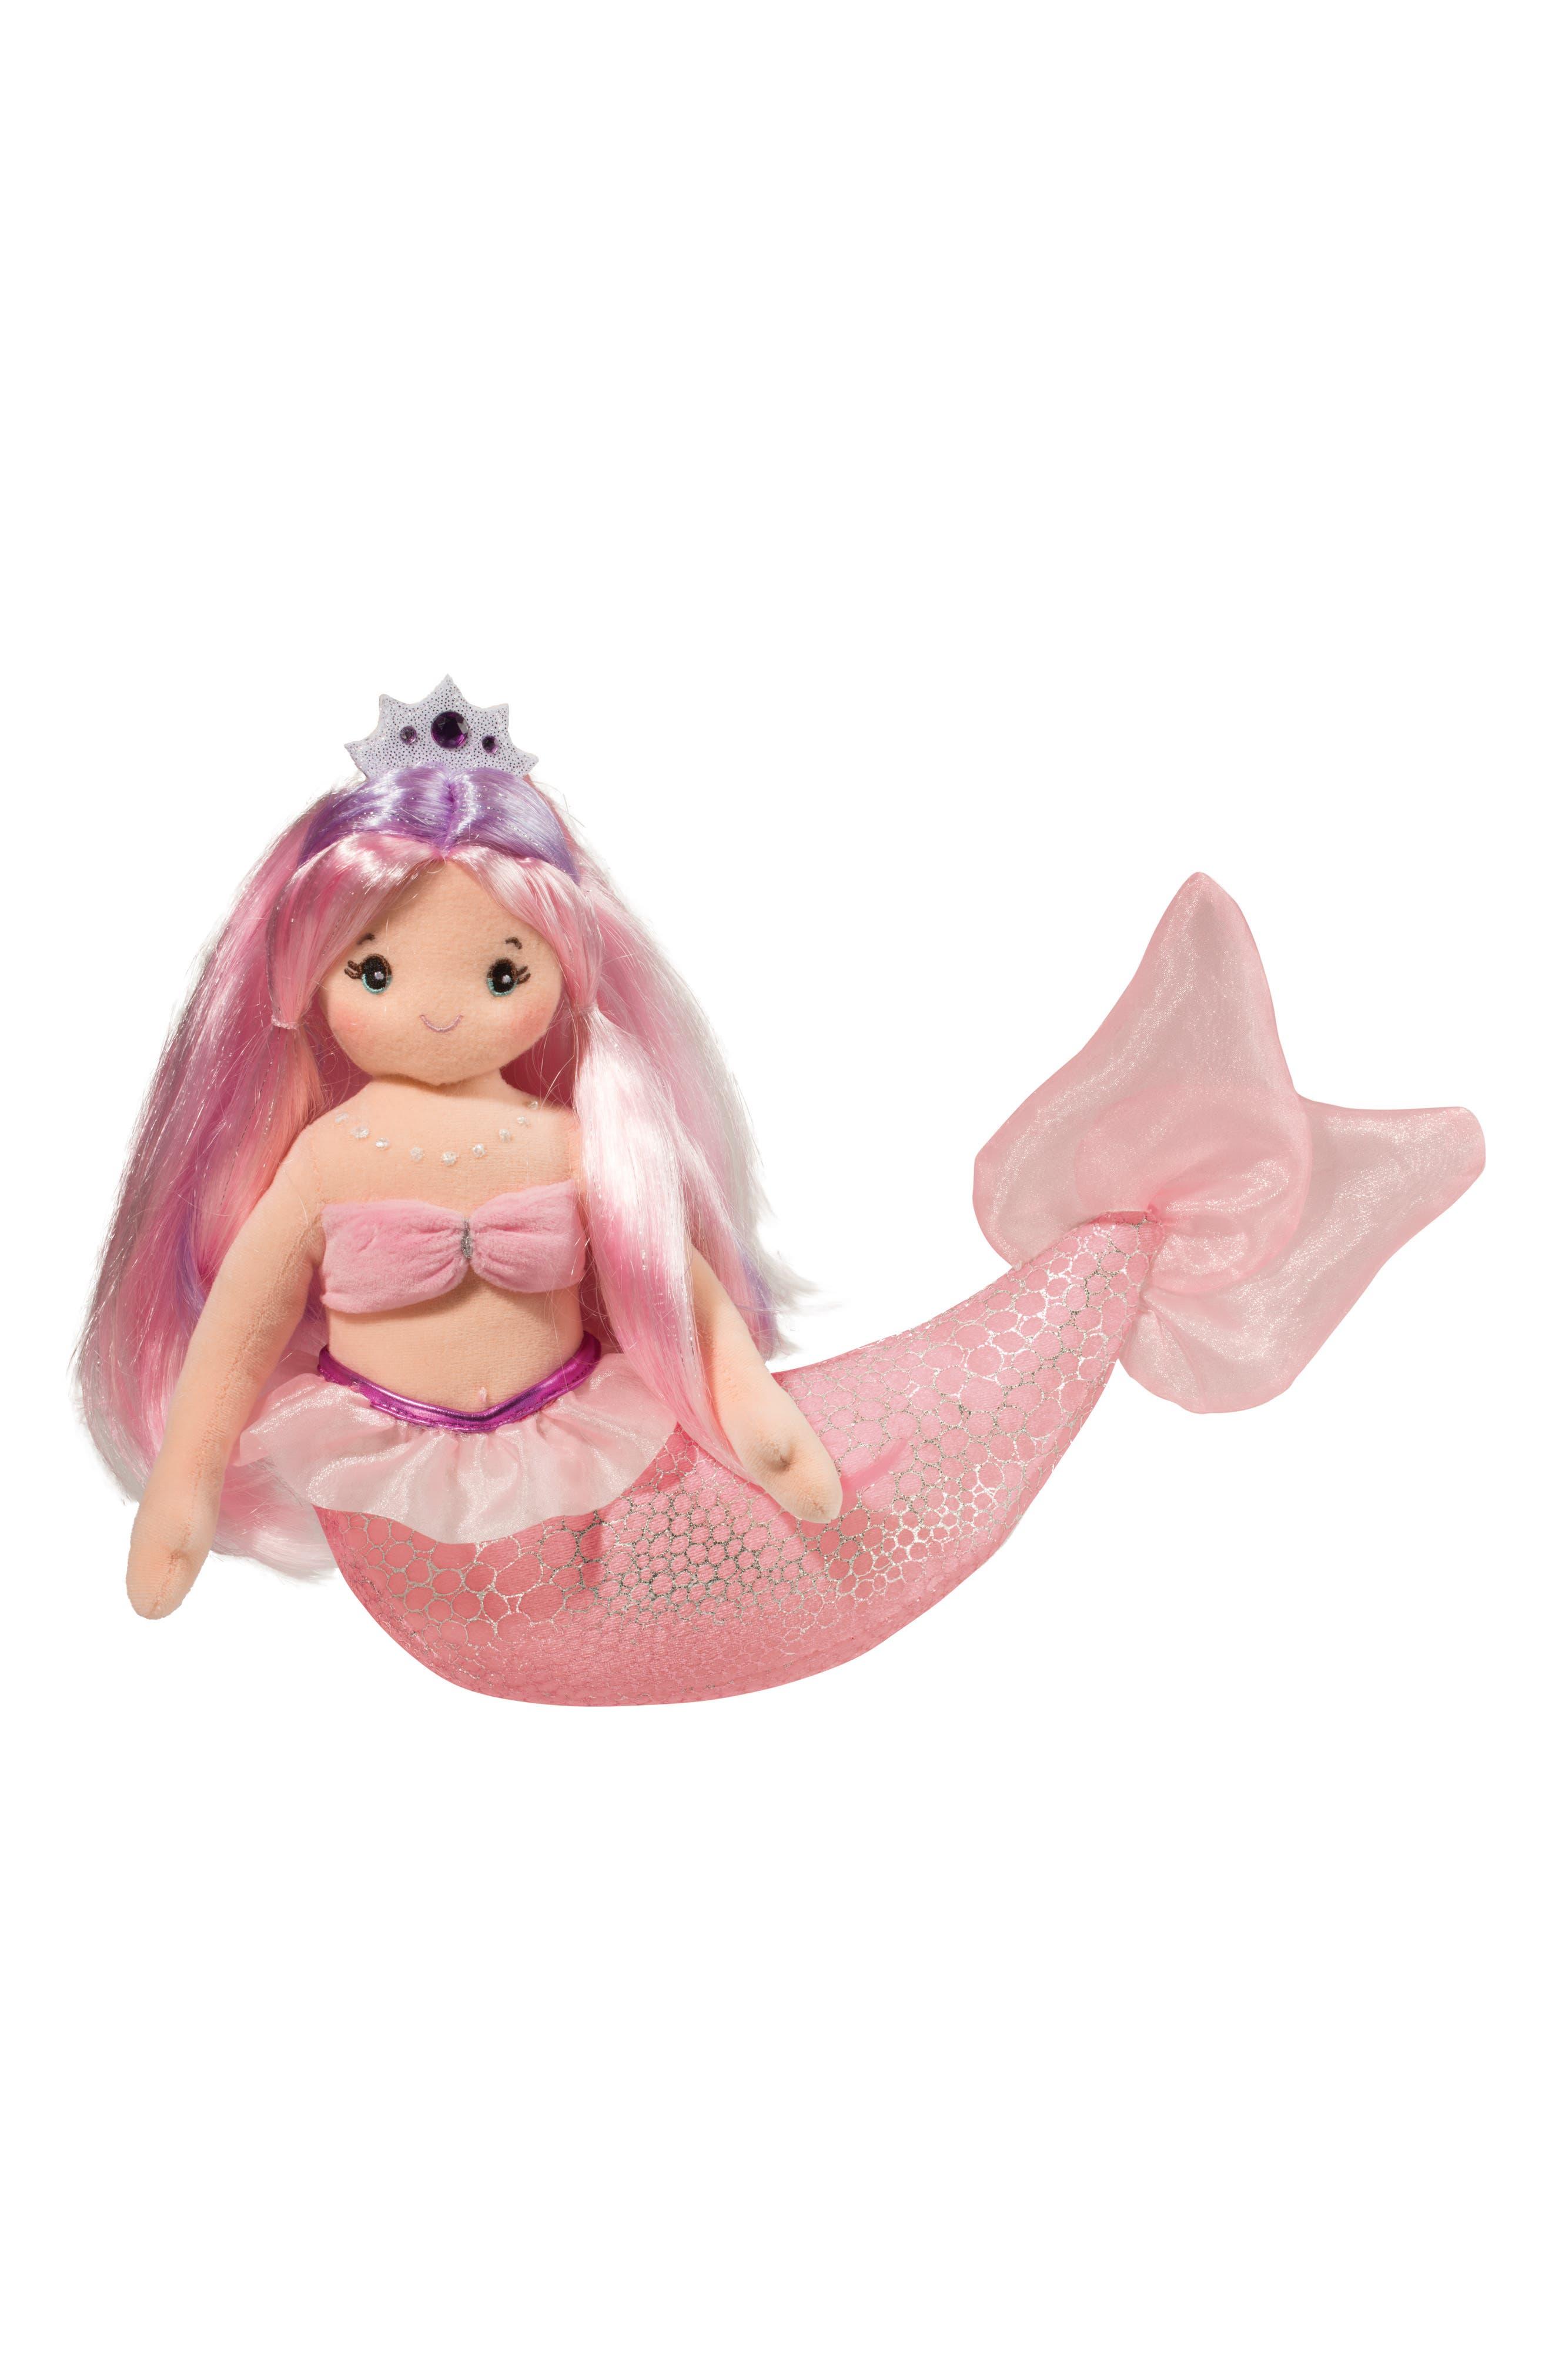 Serena - Large Pink Mermaid Doll,                             Main thumbnail 1, color,                             650